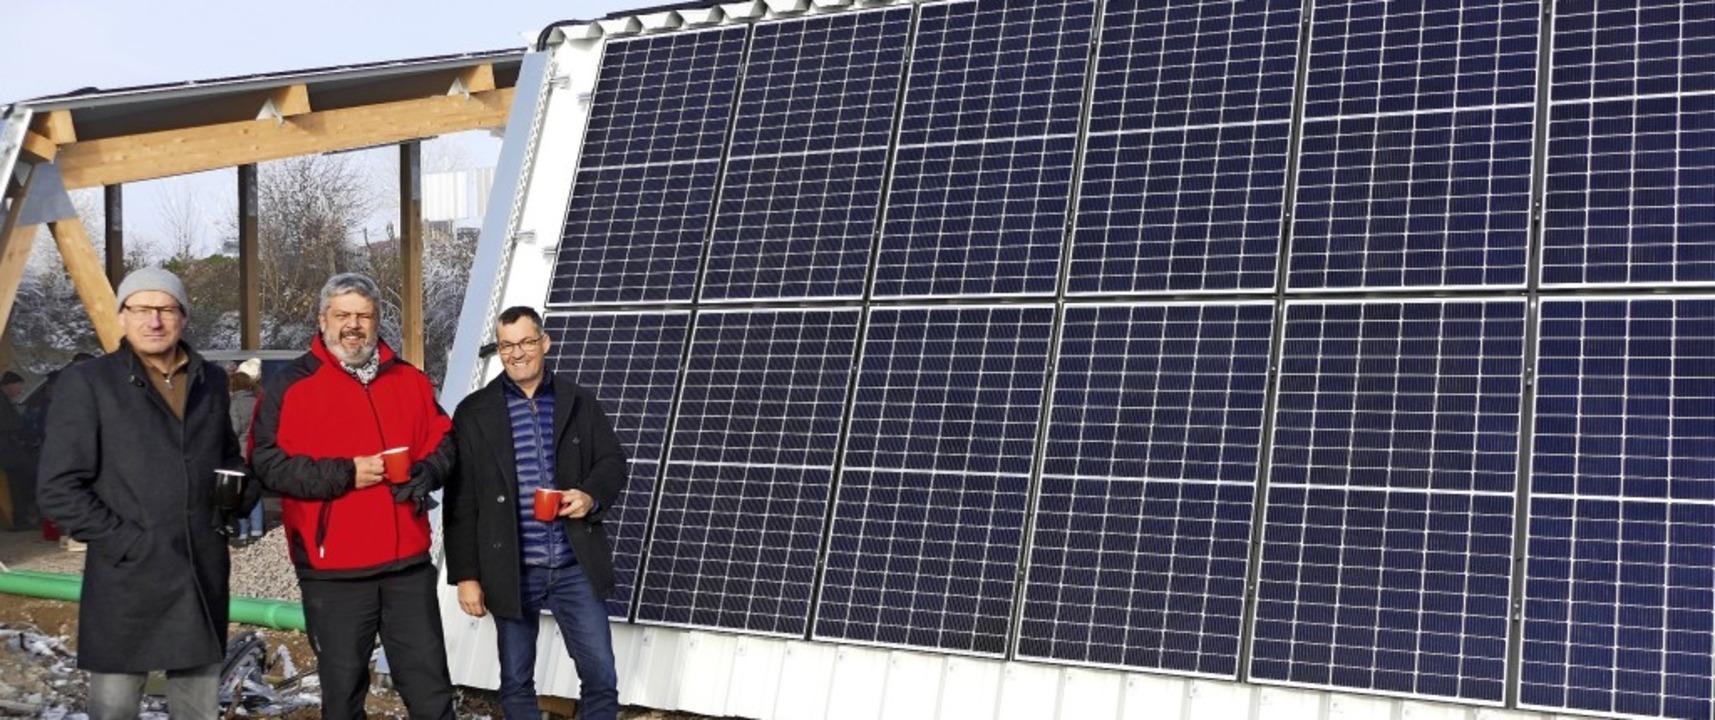 Das jüngste Projekt der solarcomplex A...nd Florian Armbruster (solarcomplex).     Foto: Juliane Kühnemund